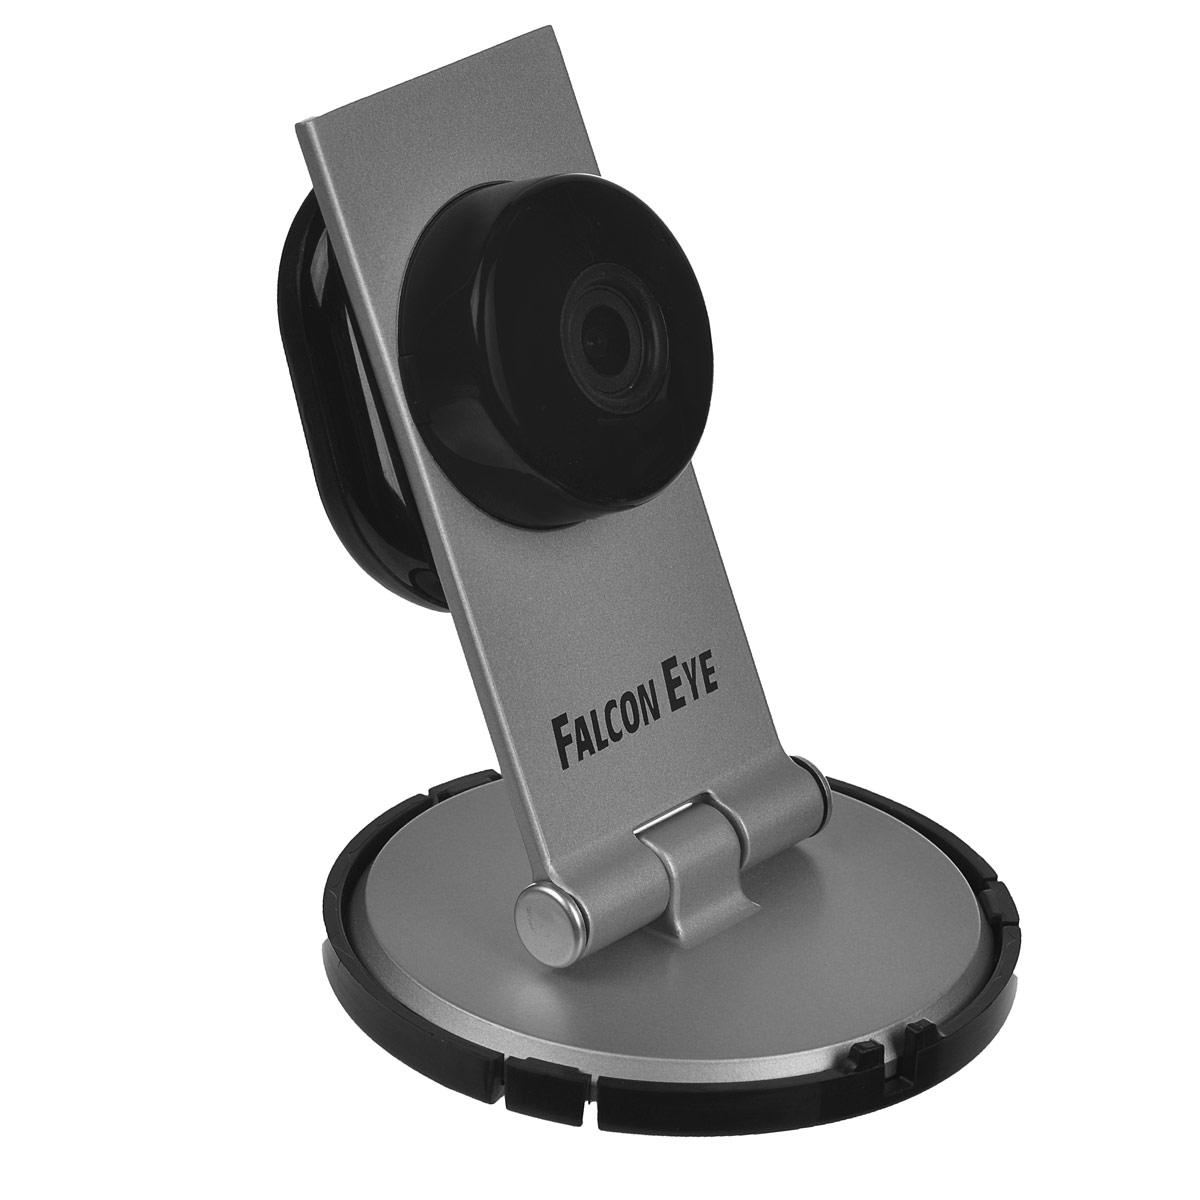 Falcon Eye FE-ITR1300 беcпроводная IP-камераFE-ITR1300P2P видеокамера FE-ITR1300. Для данной камеры не нужен статический IP адрес и сложная настройка. С P2P технологией, пользователи могут теперь без труда ввести идентификационный номер (ID) устройства и пароль для доступа к IP-камере без каких-либо дополнительных настроек. Фактически, то, что раньше мешало широкому распространению ip камер - это непонятная настройка для обычного пользователя, теперь в прошлом. Достаточно настроить wi-fi в самой камере, для подключения ее к беспроводной сети, но, благодаря понятным инструкциям, это не проблема. Благодаря невысокой цене и простым настройкам, пользоваться данными камерами могут обычные люди, без специальных технических знаний. Так же данные P2P ip камеры поддерживают архивирование данных на карте Micro SD. Вы очень просто можете не только посмотреть изображение online, но и получить доступ к архиву, посмотреть или скачать файл с видео к себе на компьютер. Наличие встроенных динамика и...